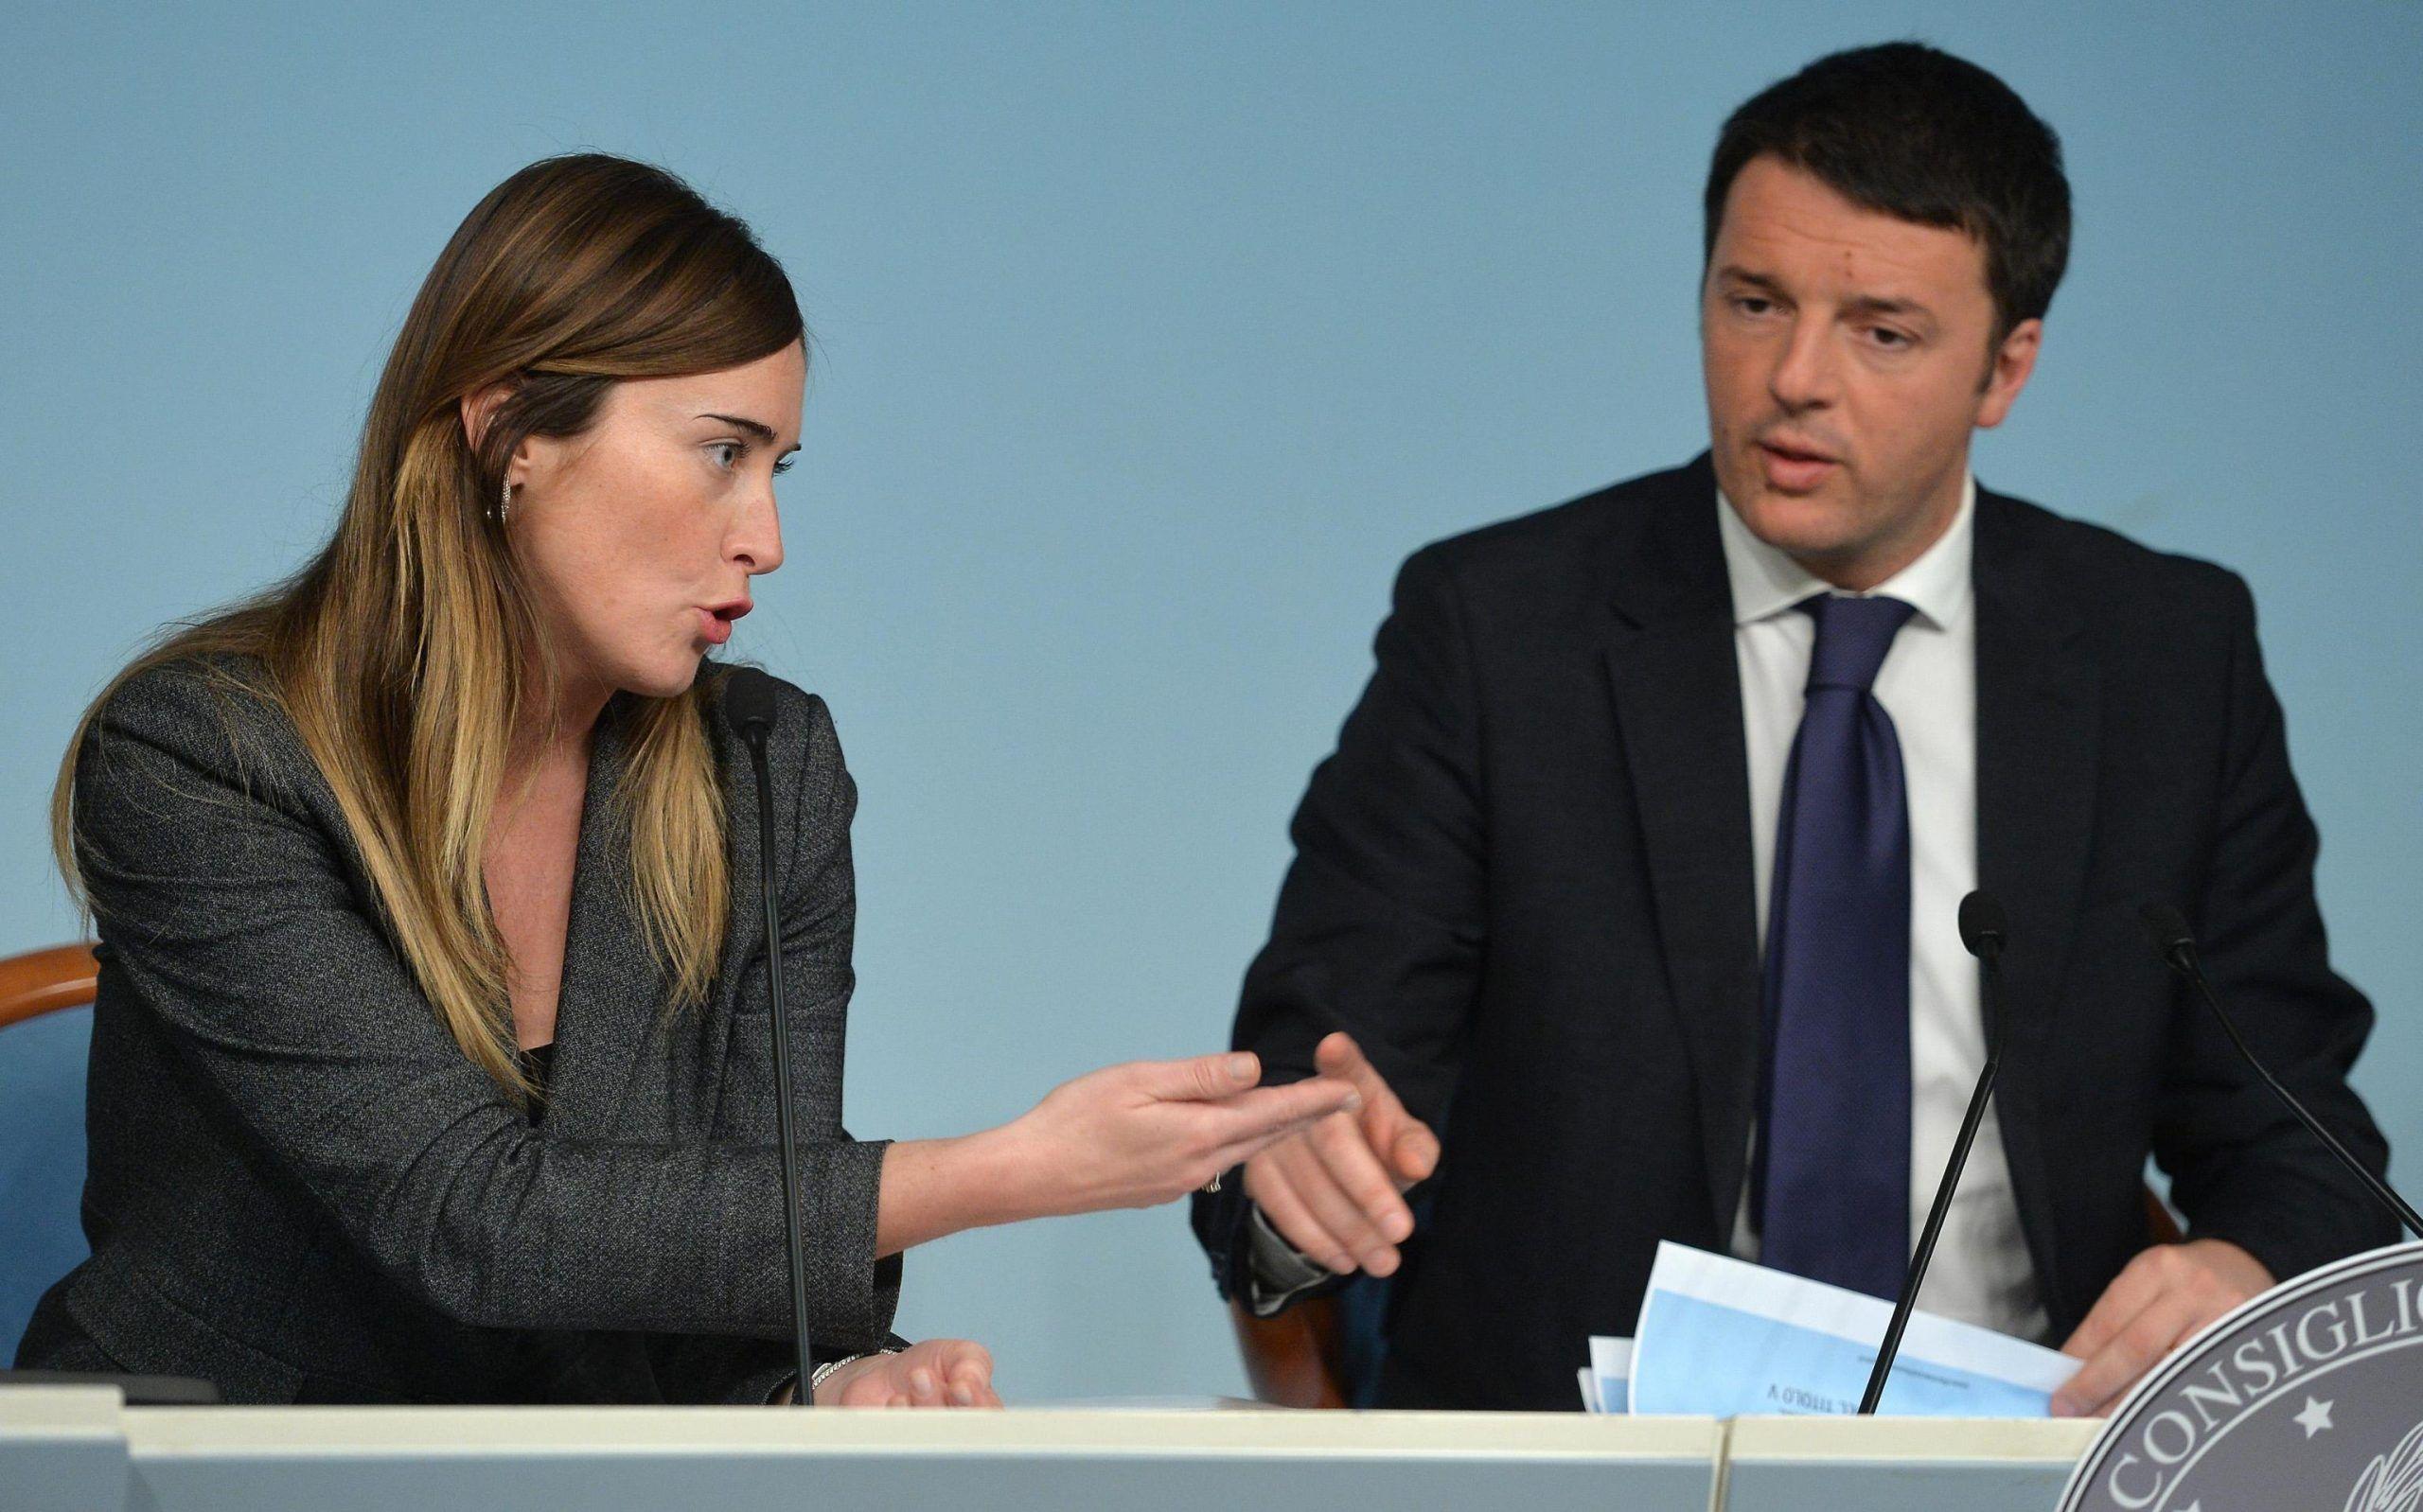 Programma dei mille giorni: tutte le prossime riforme di Renzi